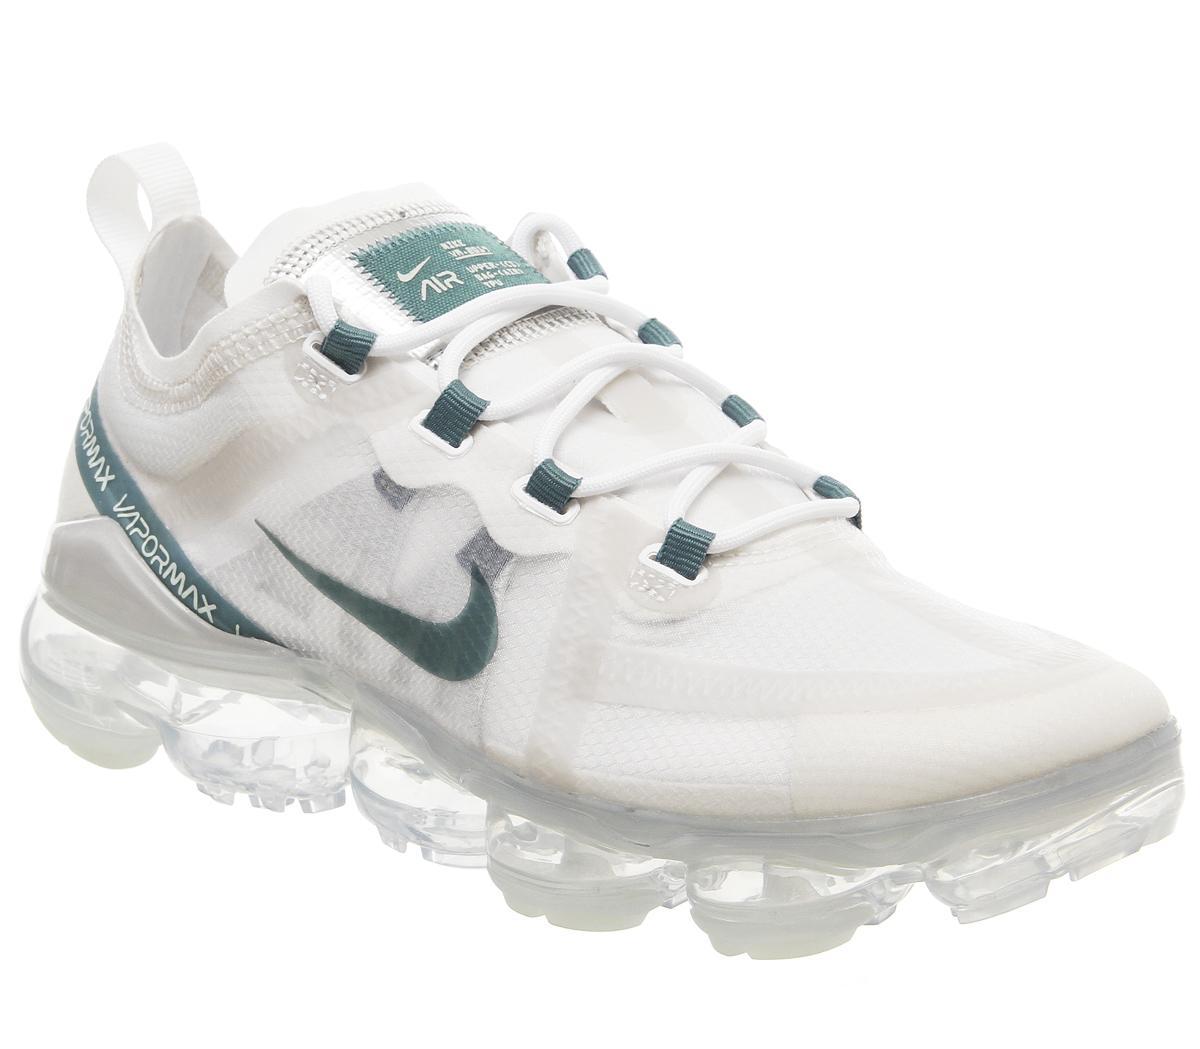 Nike Air Vapormax 2019 White Mineral